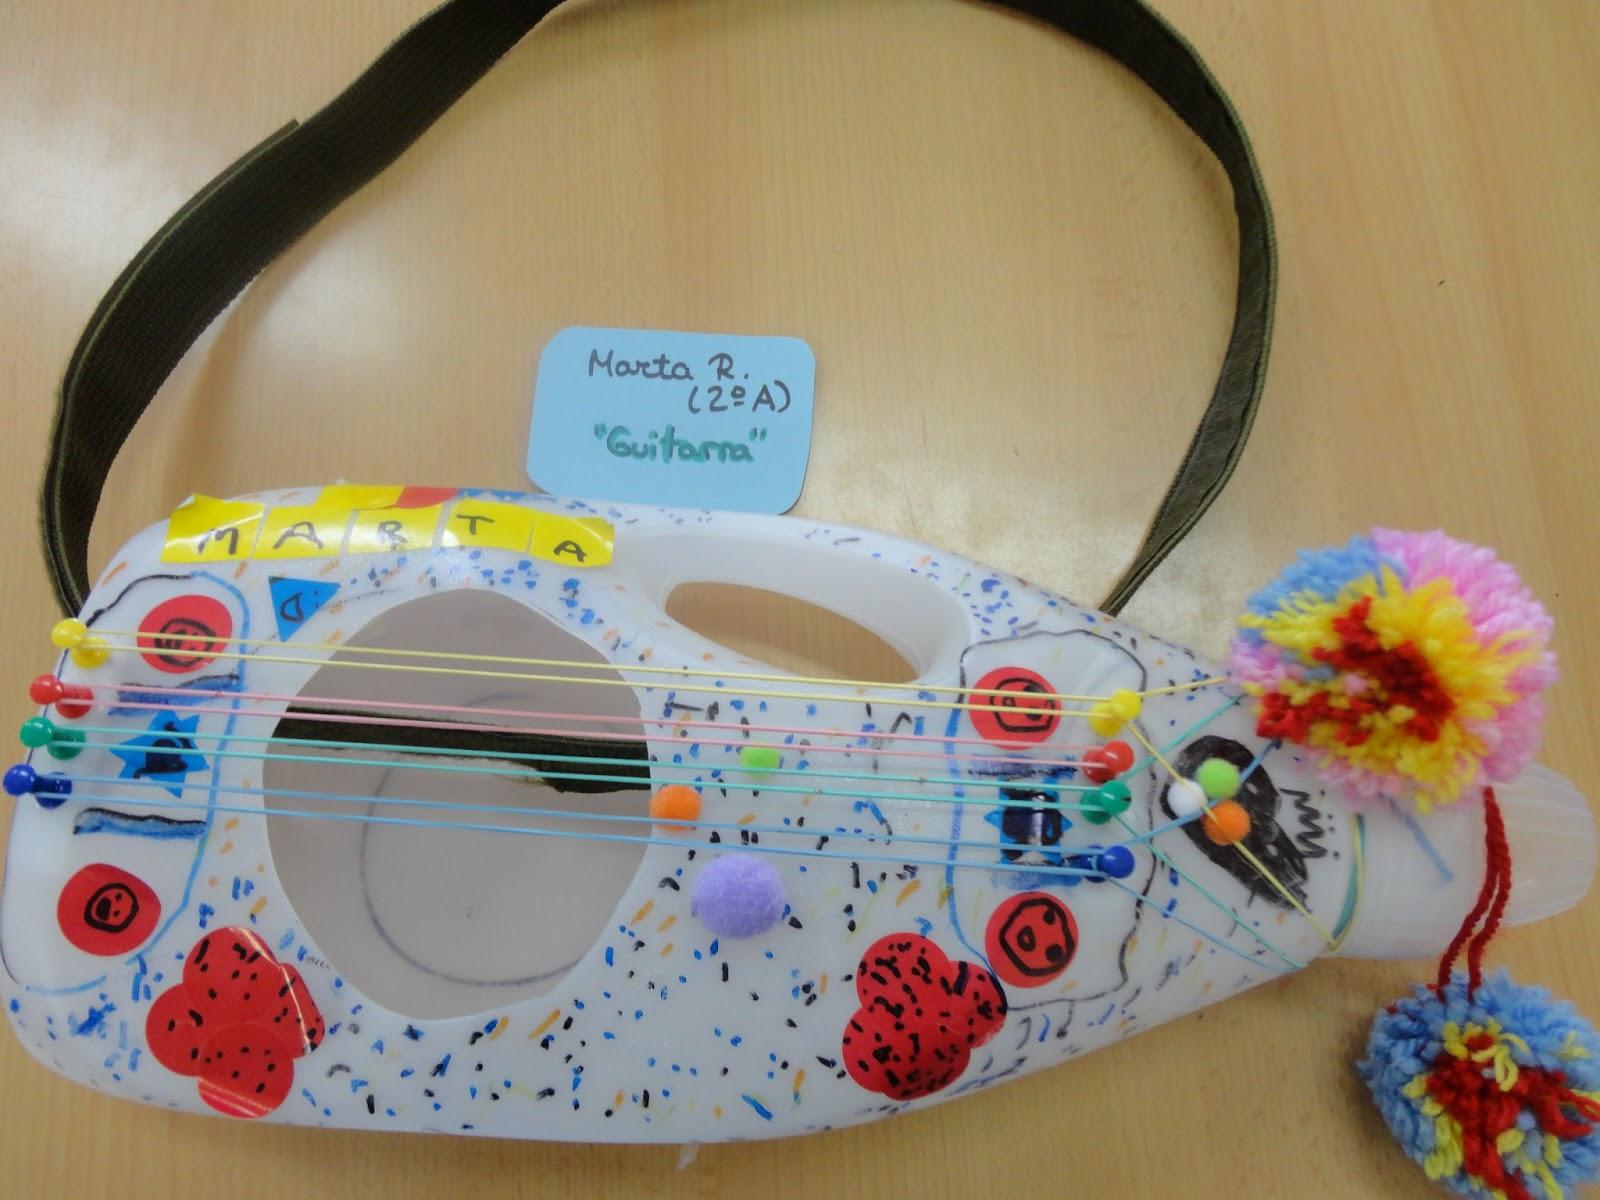 Como Hacer Instrumentos Musicales Con Material Reciclado